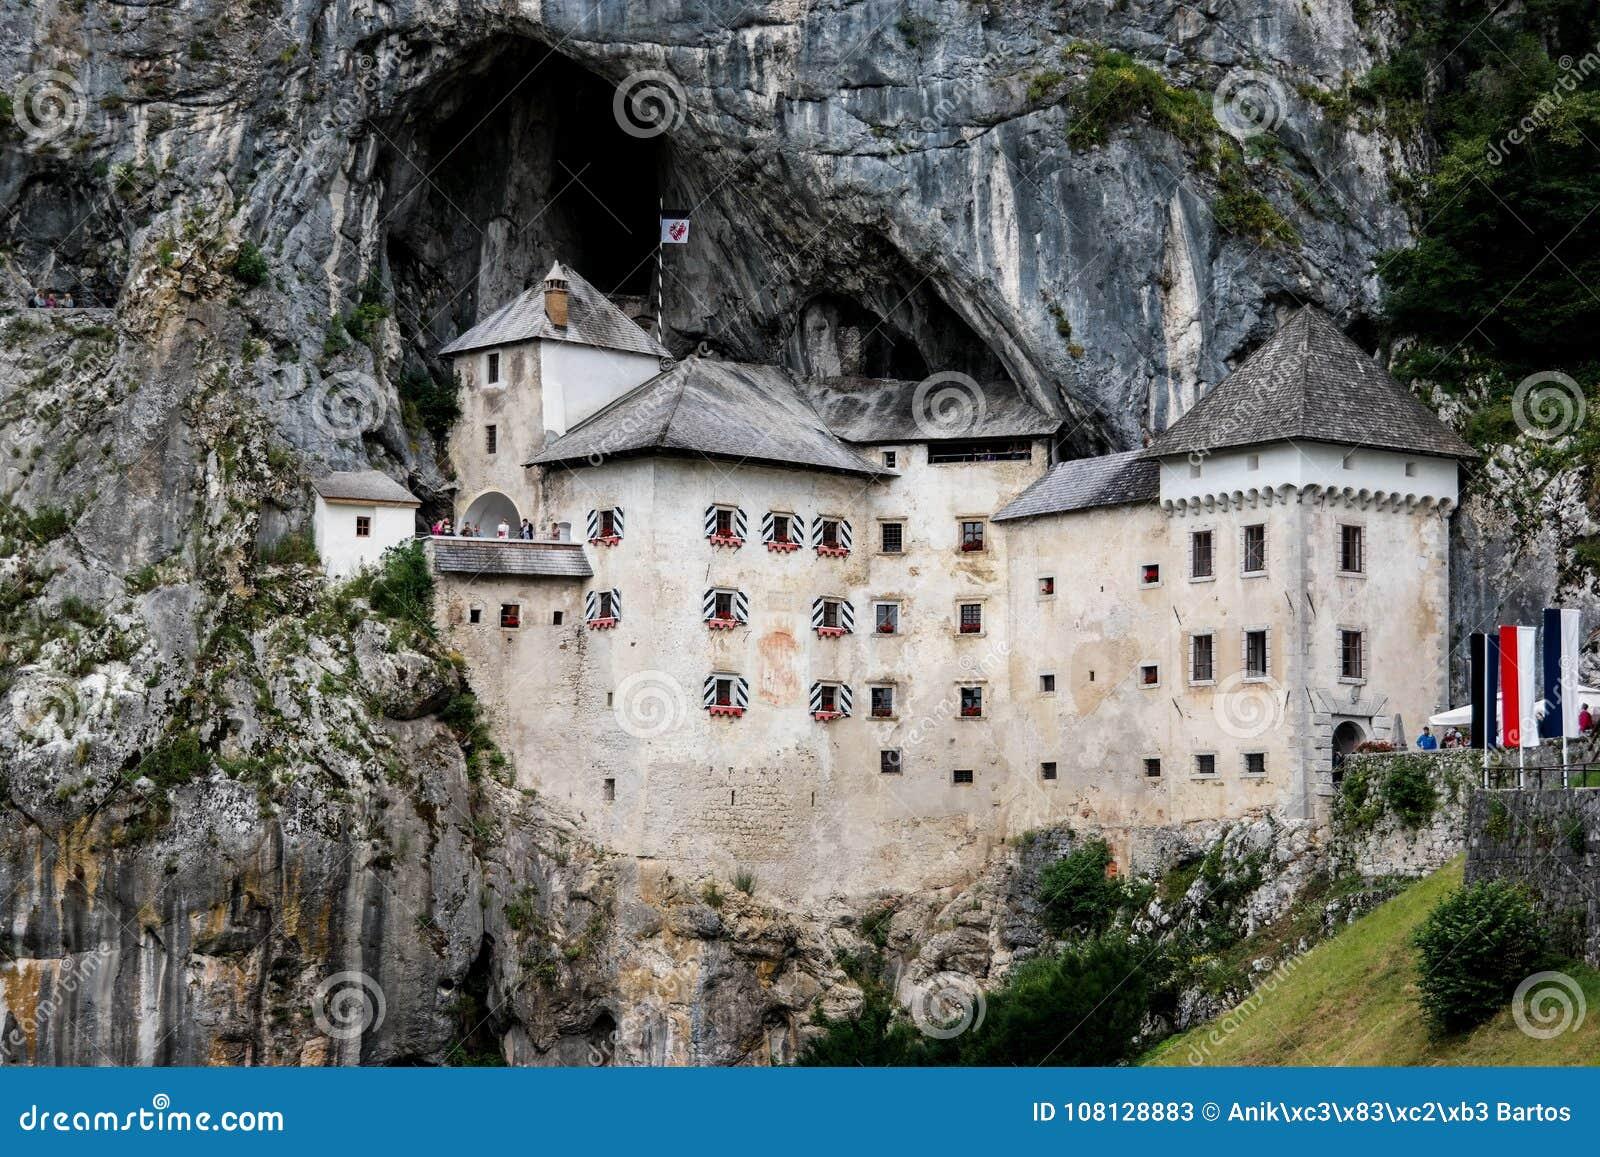 Castello in roccia in Slovenia